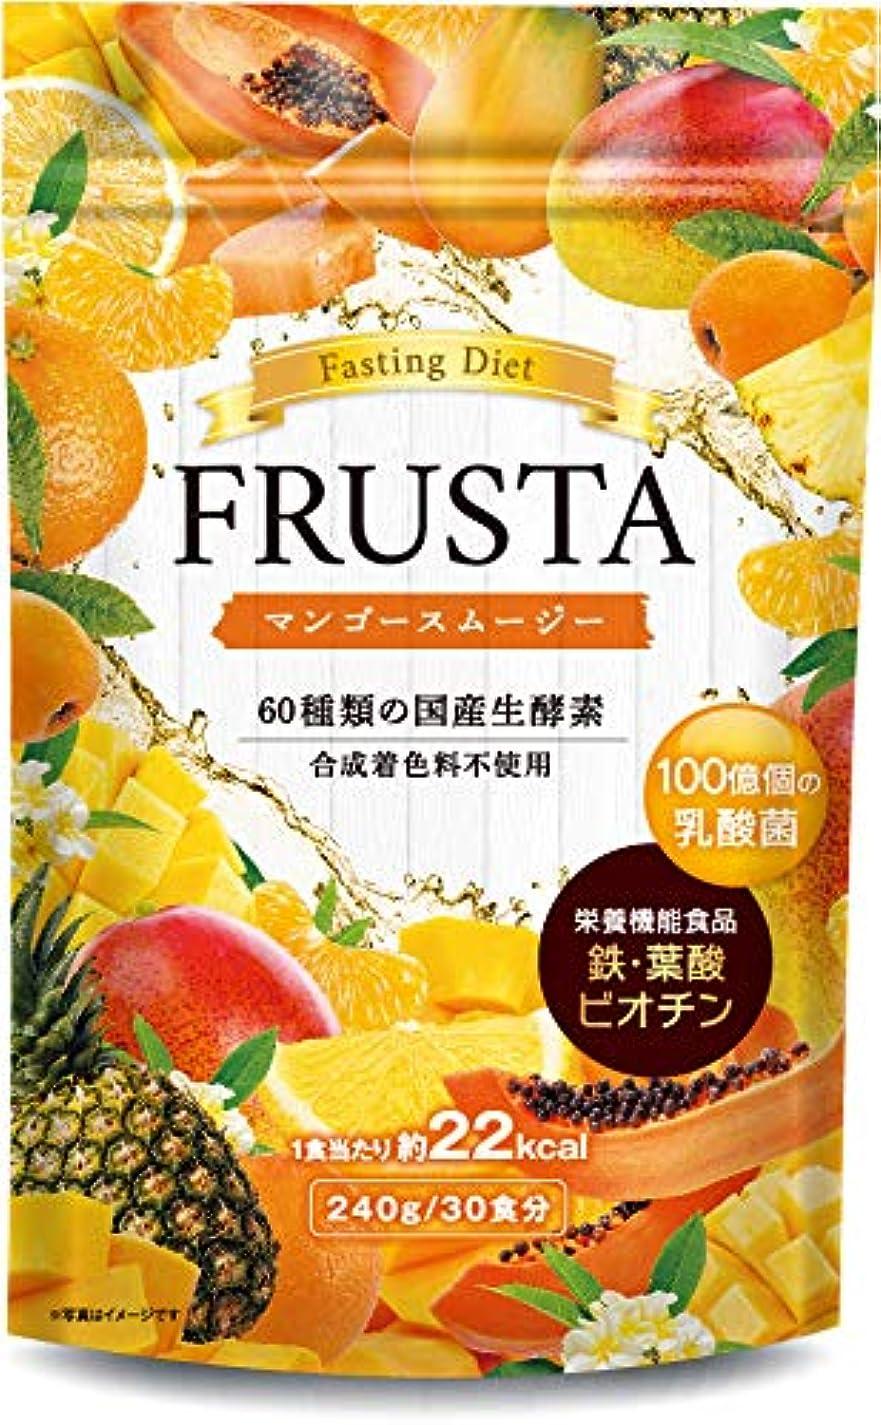 焦がす感性ドライバFRUSTA 置き換え ダイエット スムージー 酵素 30食分 (マンゴースムージー)